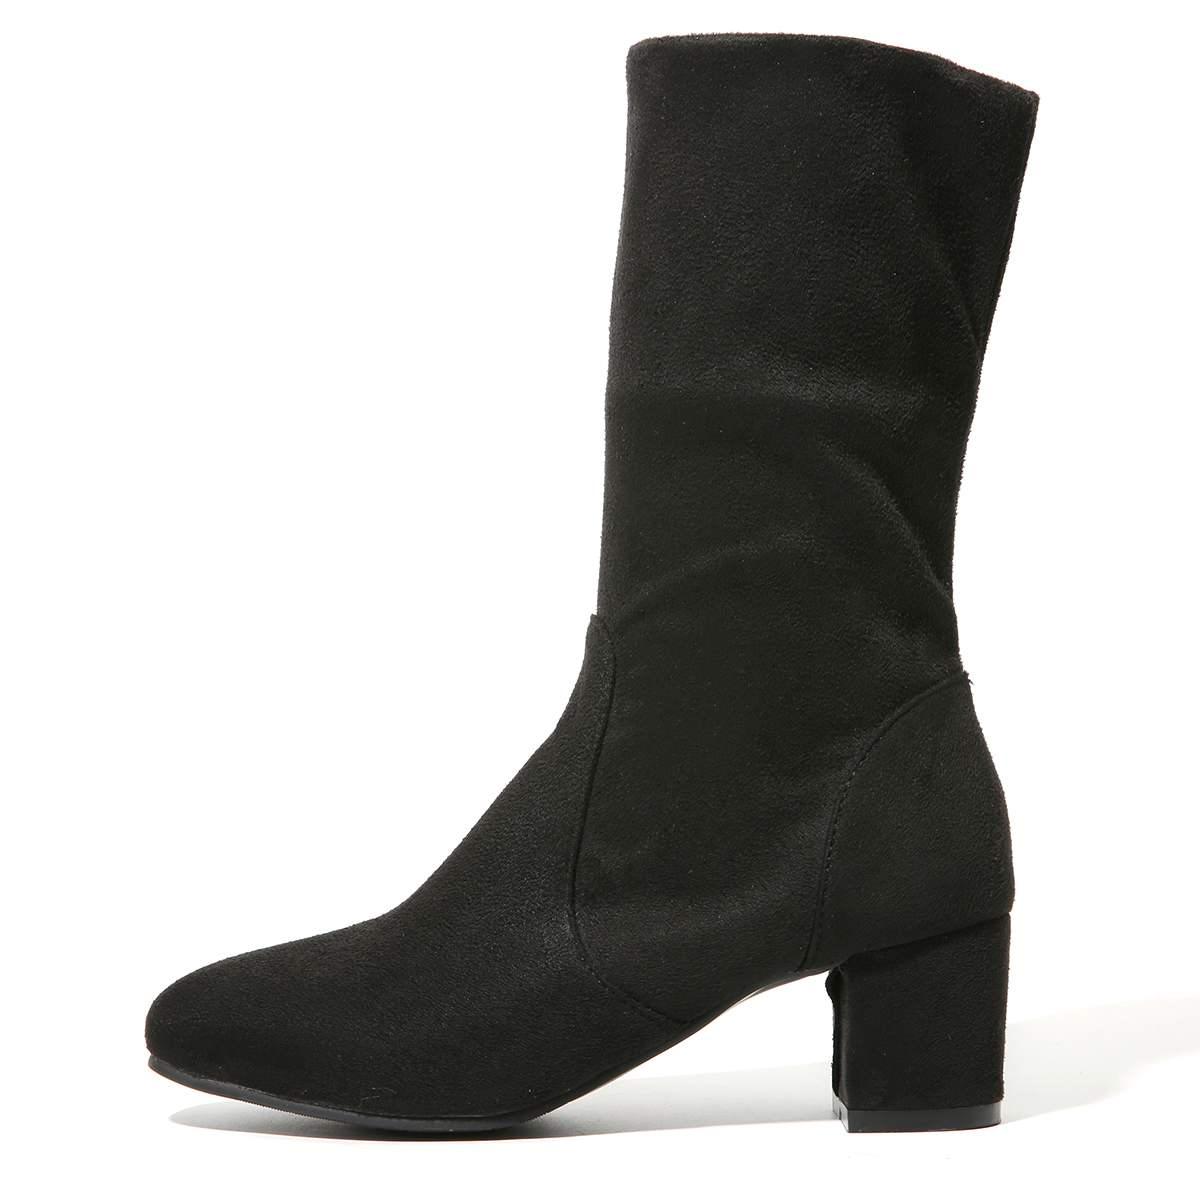 Ternero Ajustable Dos de black mediados Longitud Invierno La Black Zapatos Cálido Botas Las Otoño Damas Rebaño Long Rodilla Mujeres Nis Short Negro vTYAw